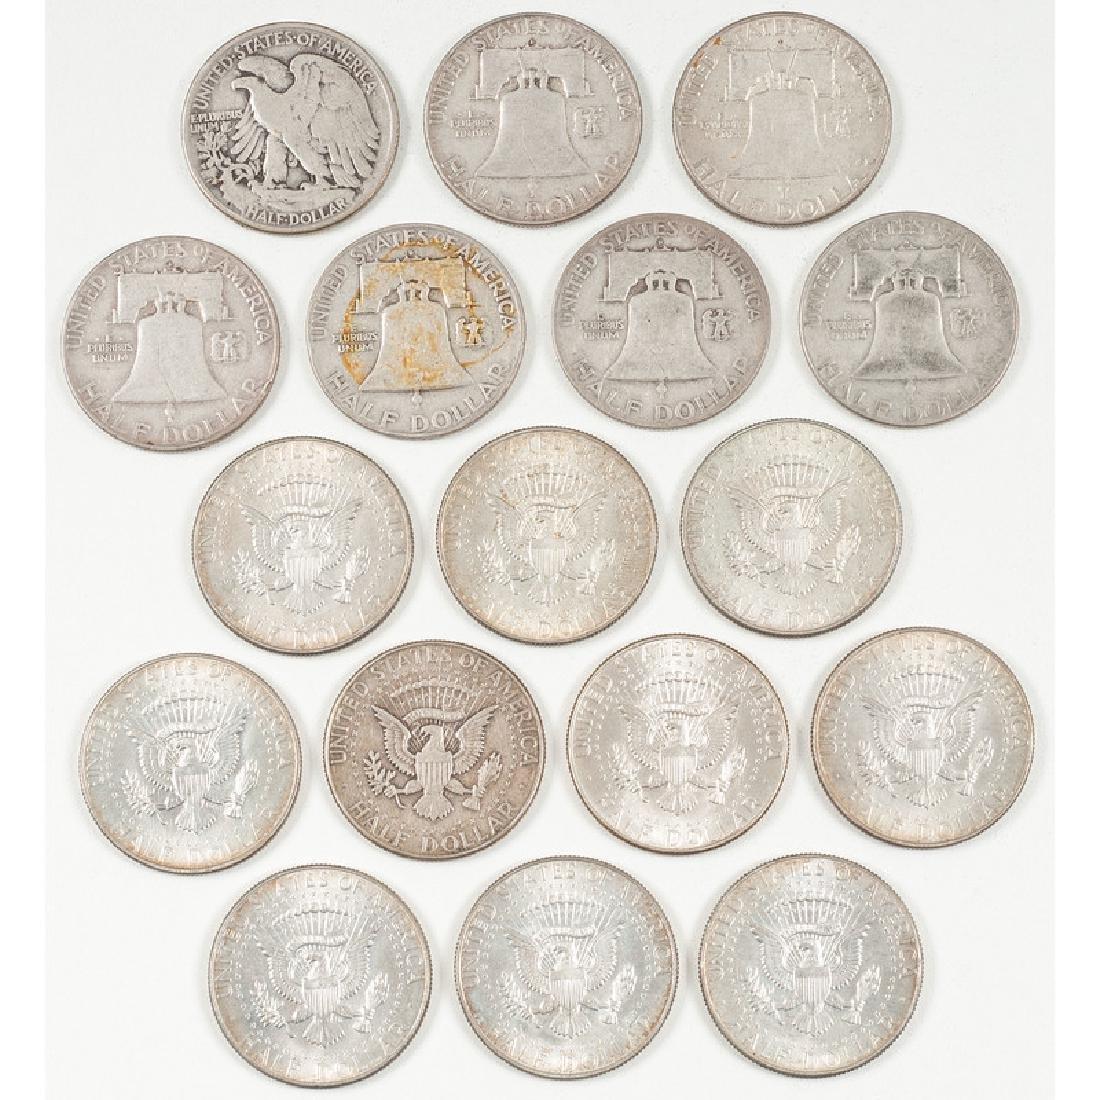 United States Half Dollars 1943 - 1967 - 2